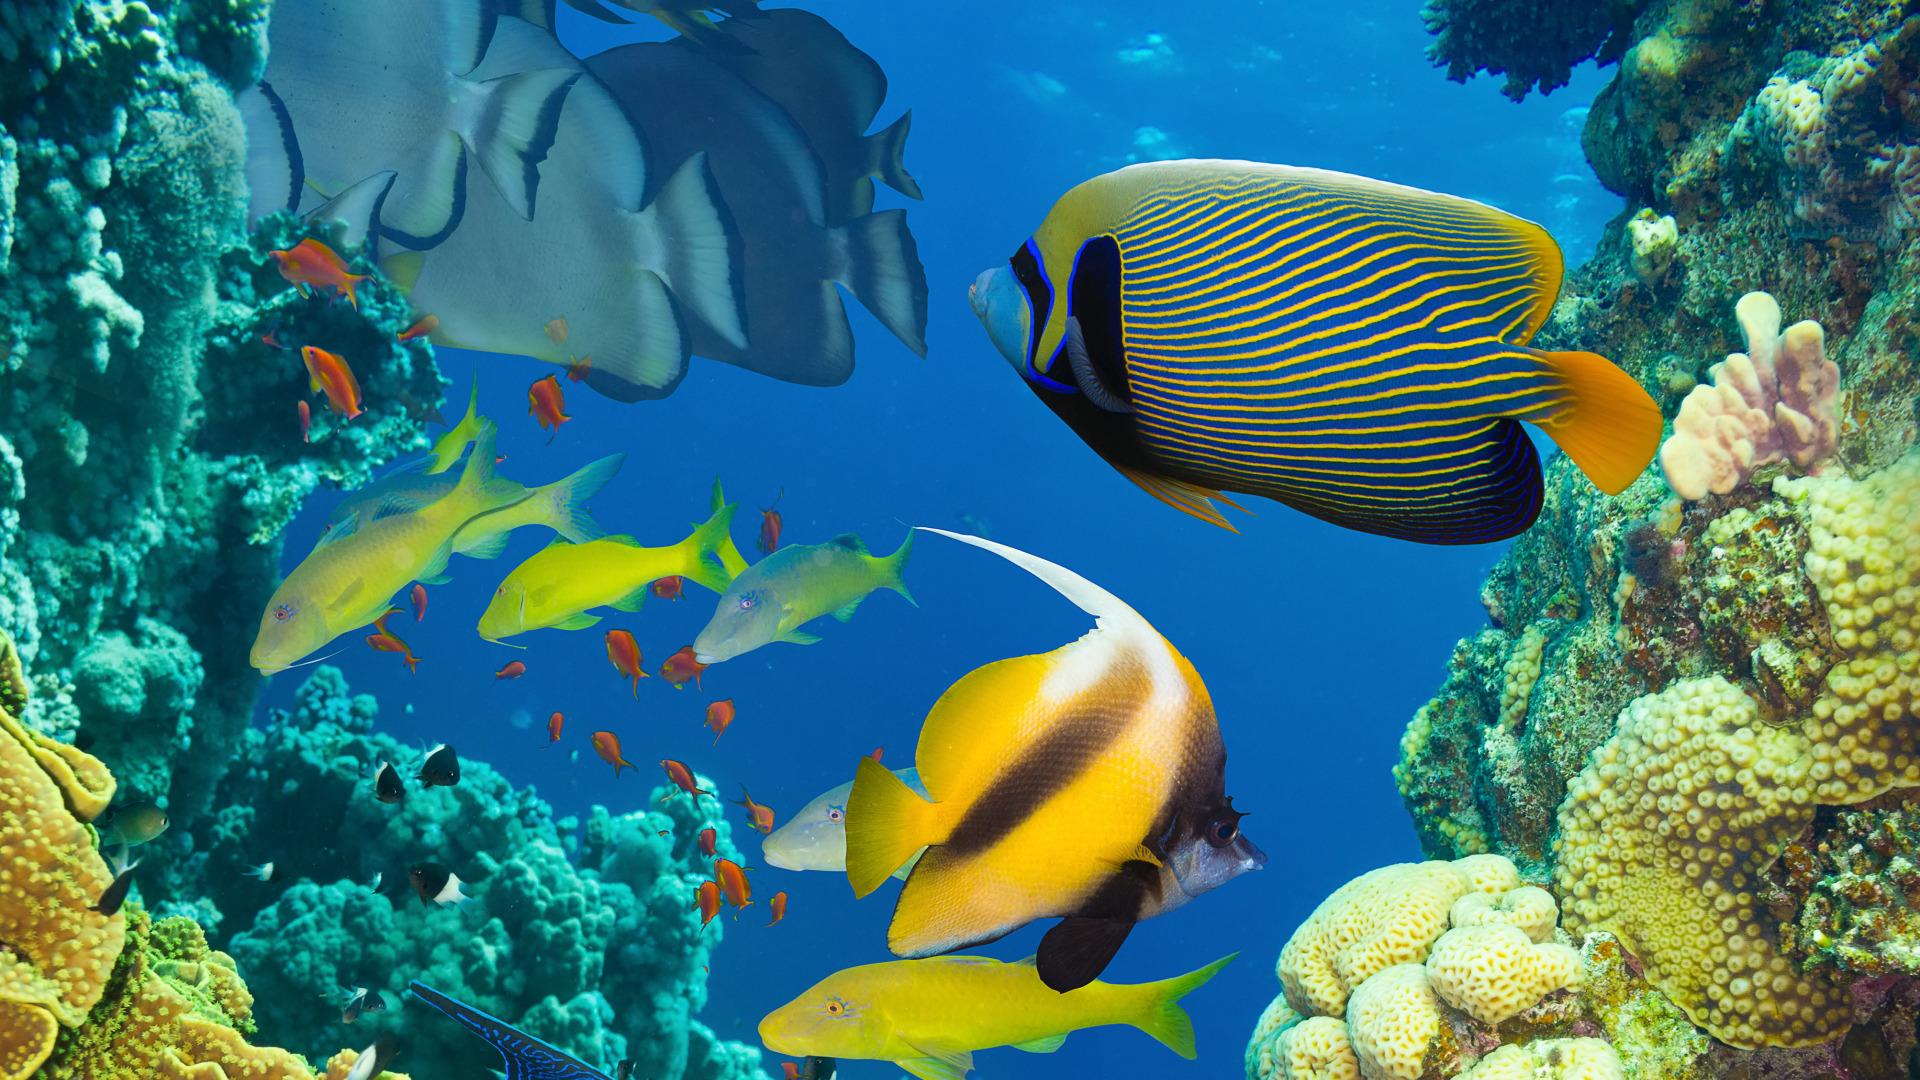 рыбы в воде картинки брюнетка